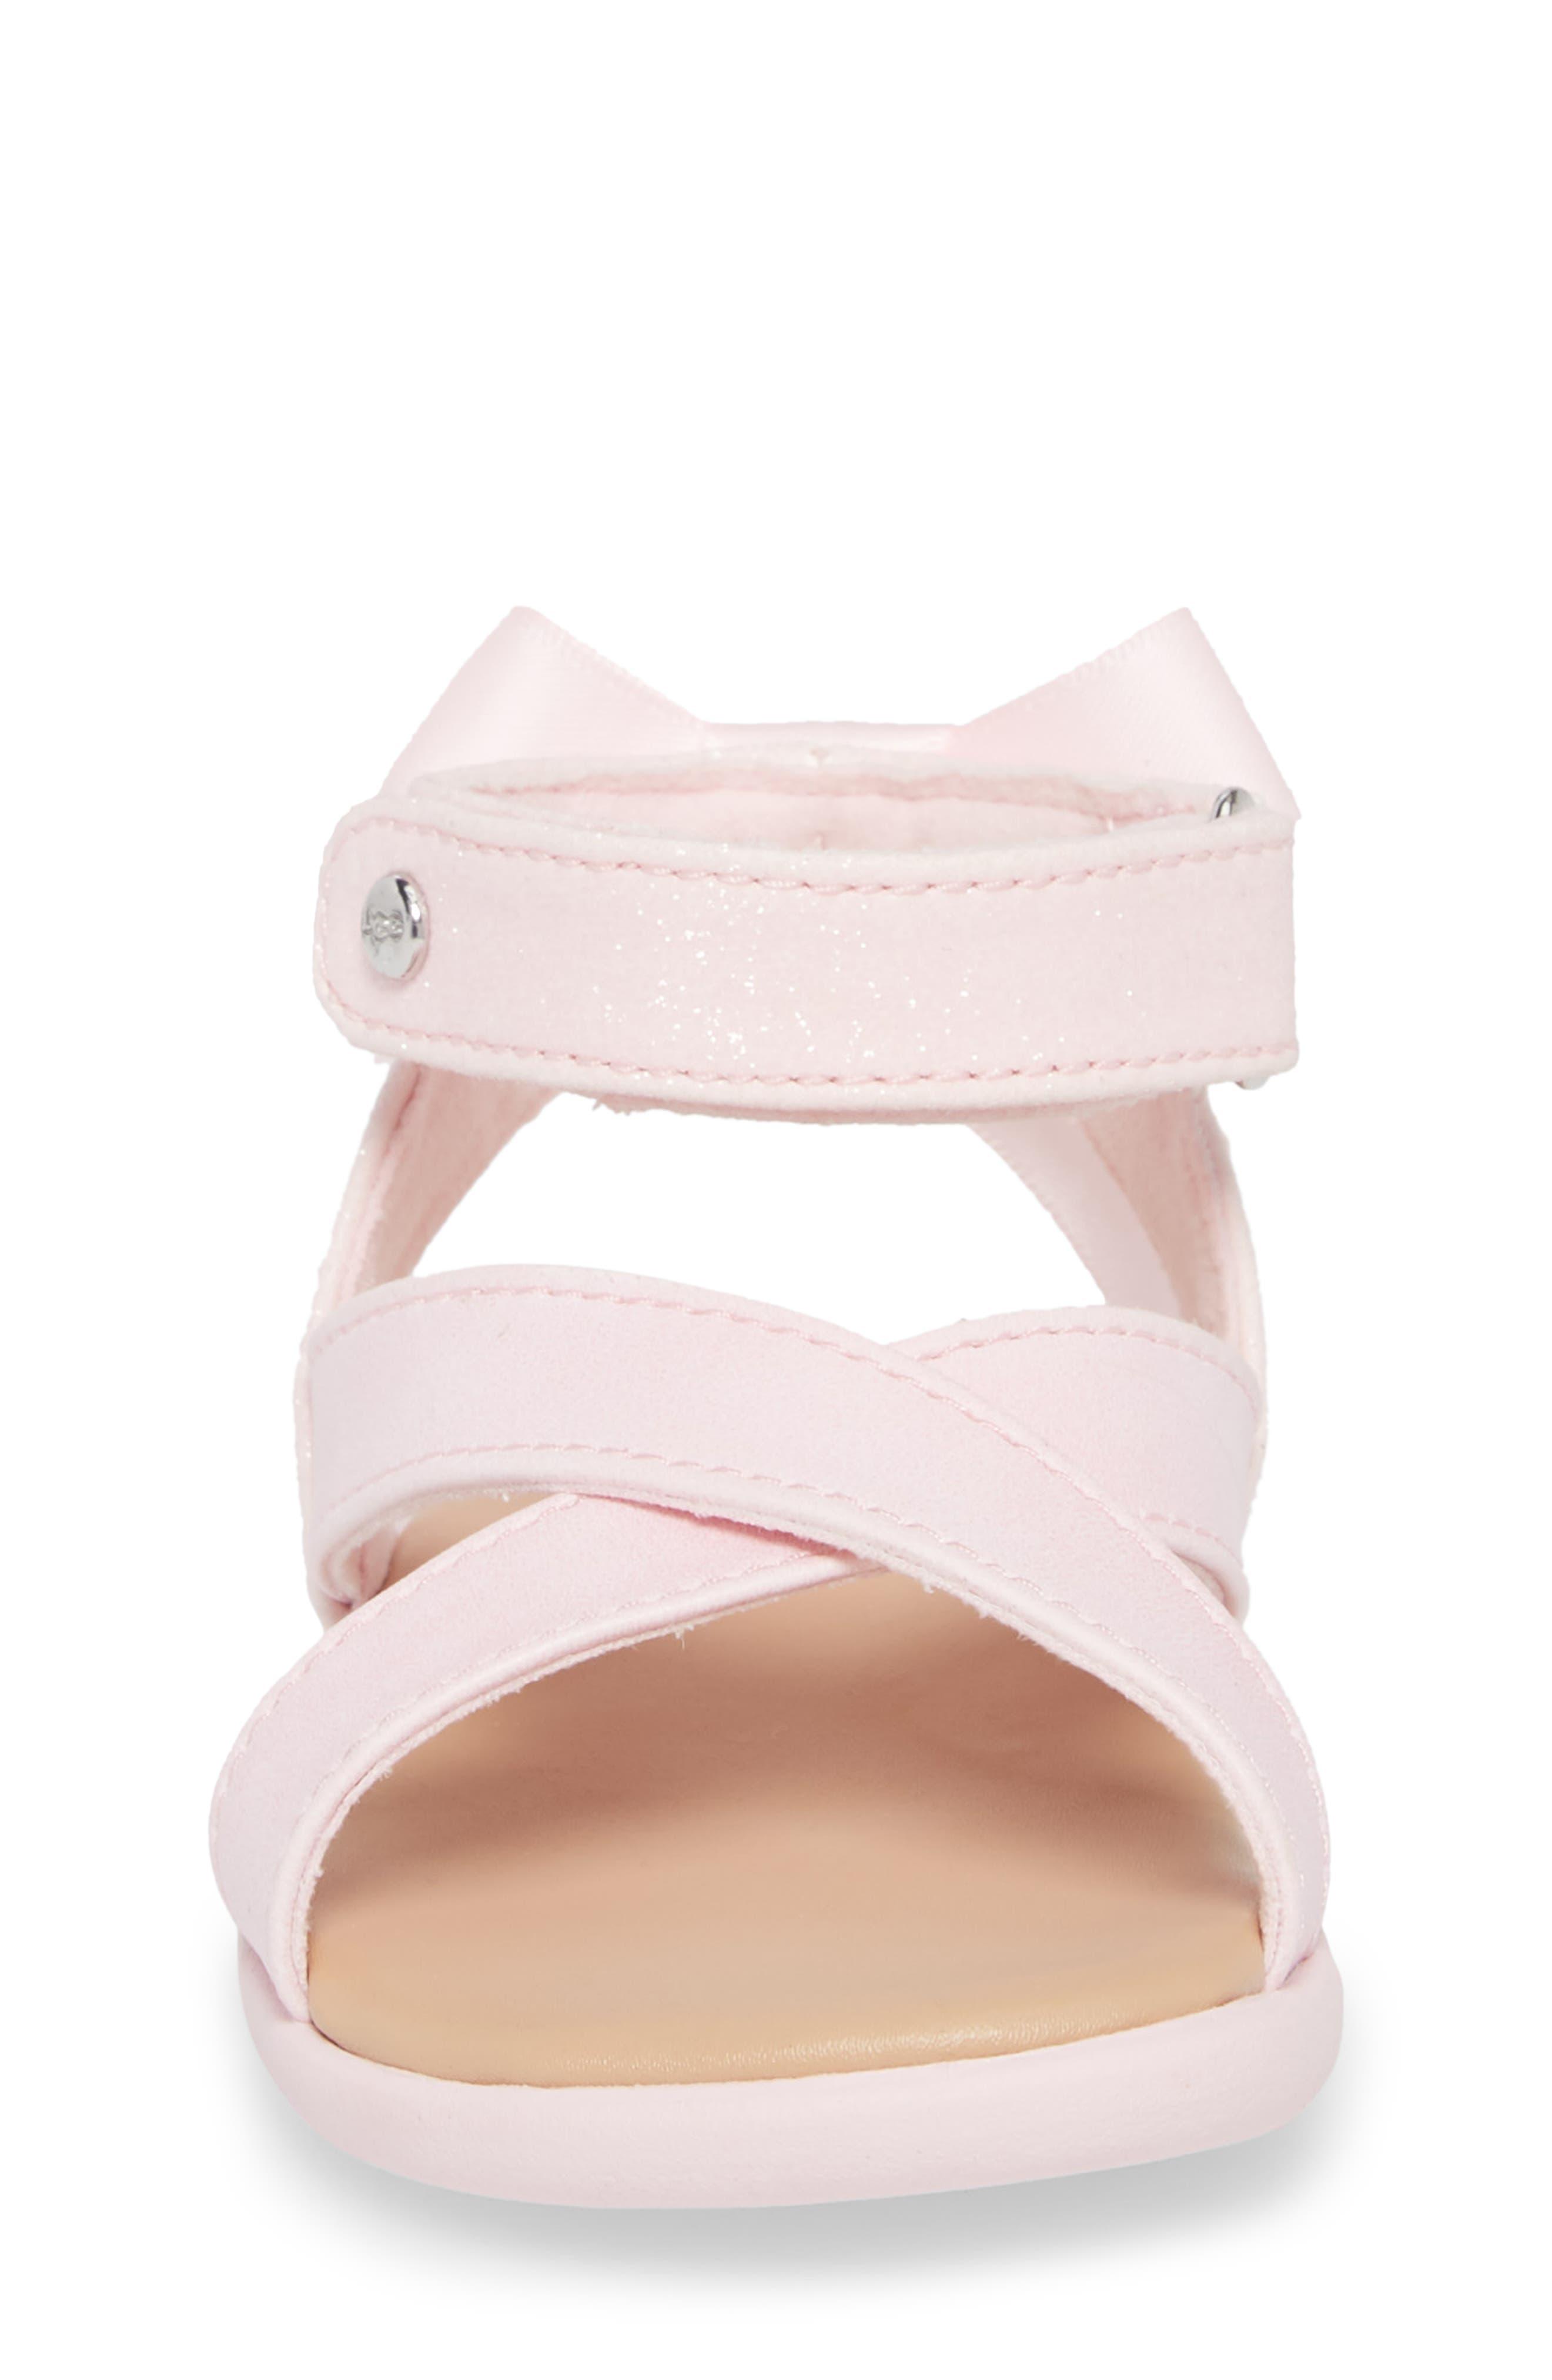 Maggiepie Sparkles Sandal,                             Alternate thumbnail 8, color,